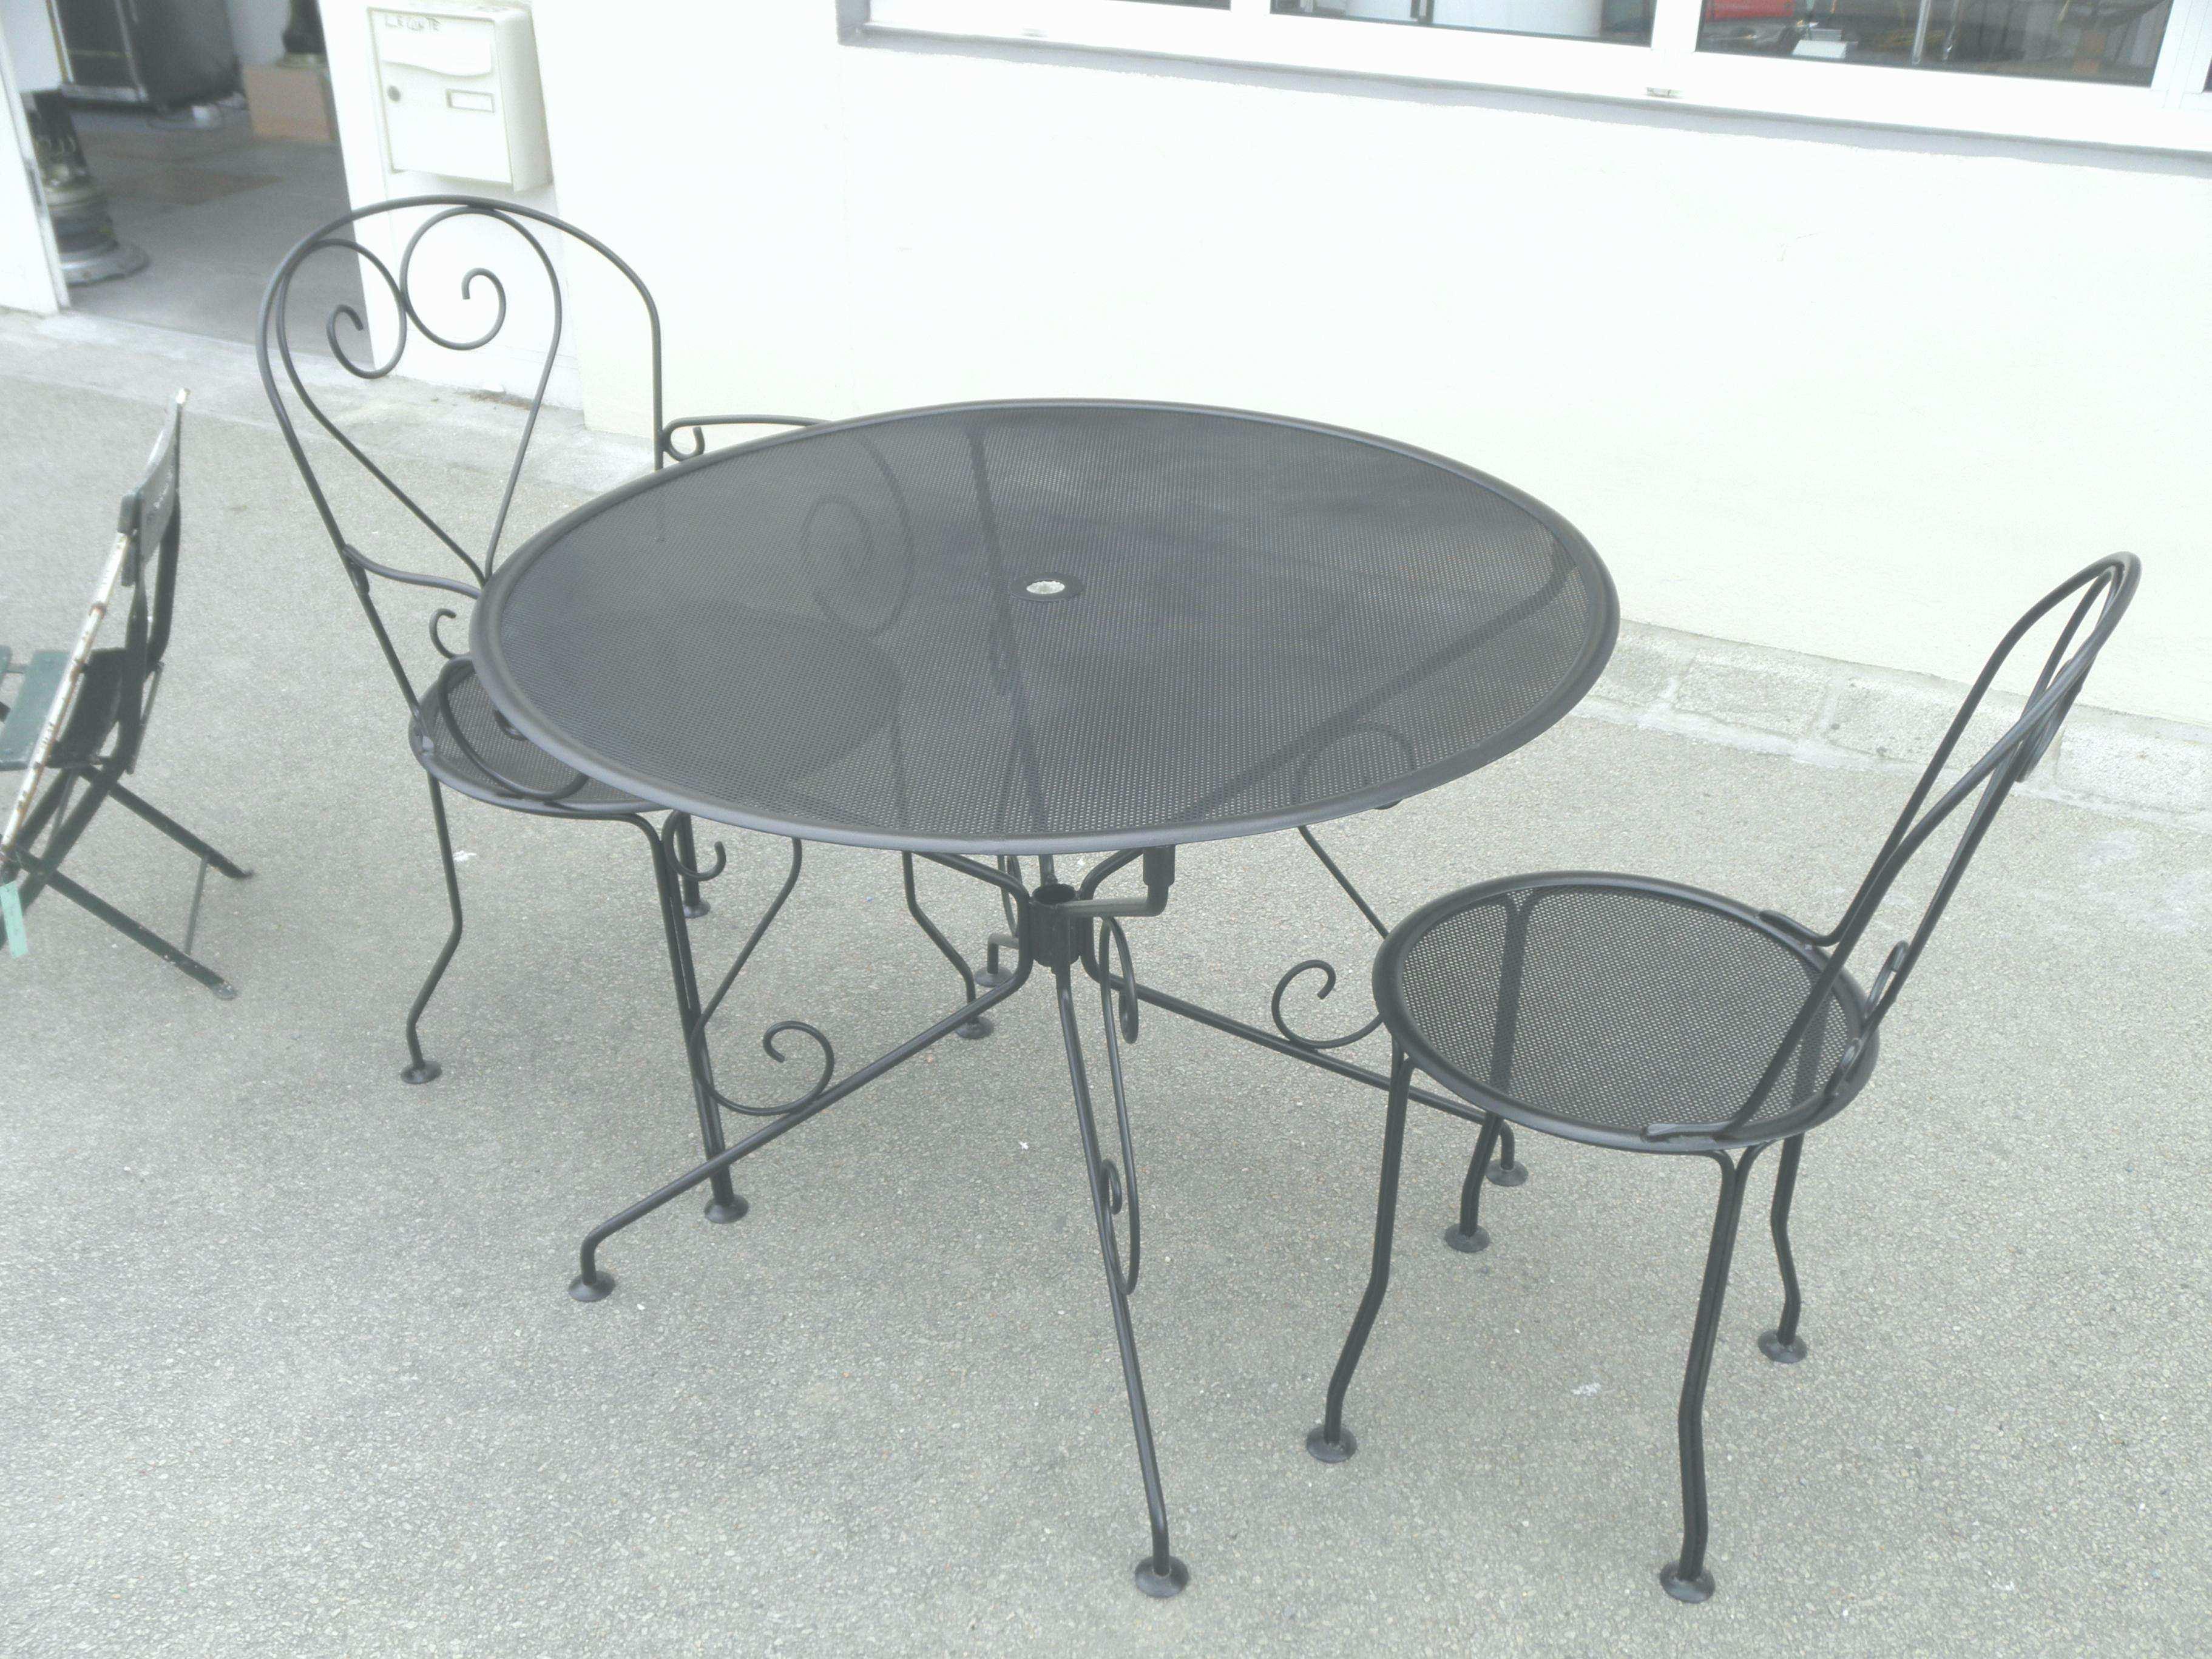 Table et chaise jardin babou - veranda-styledevie.fr